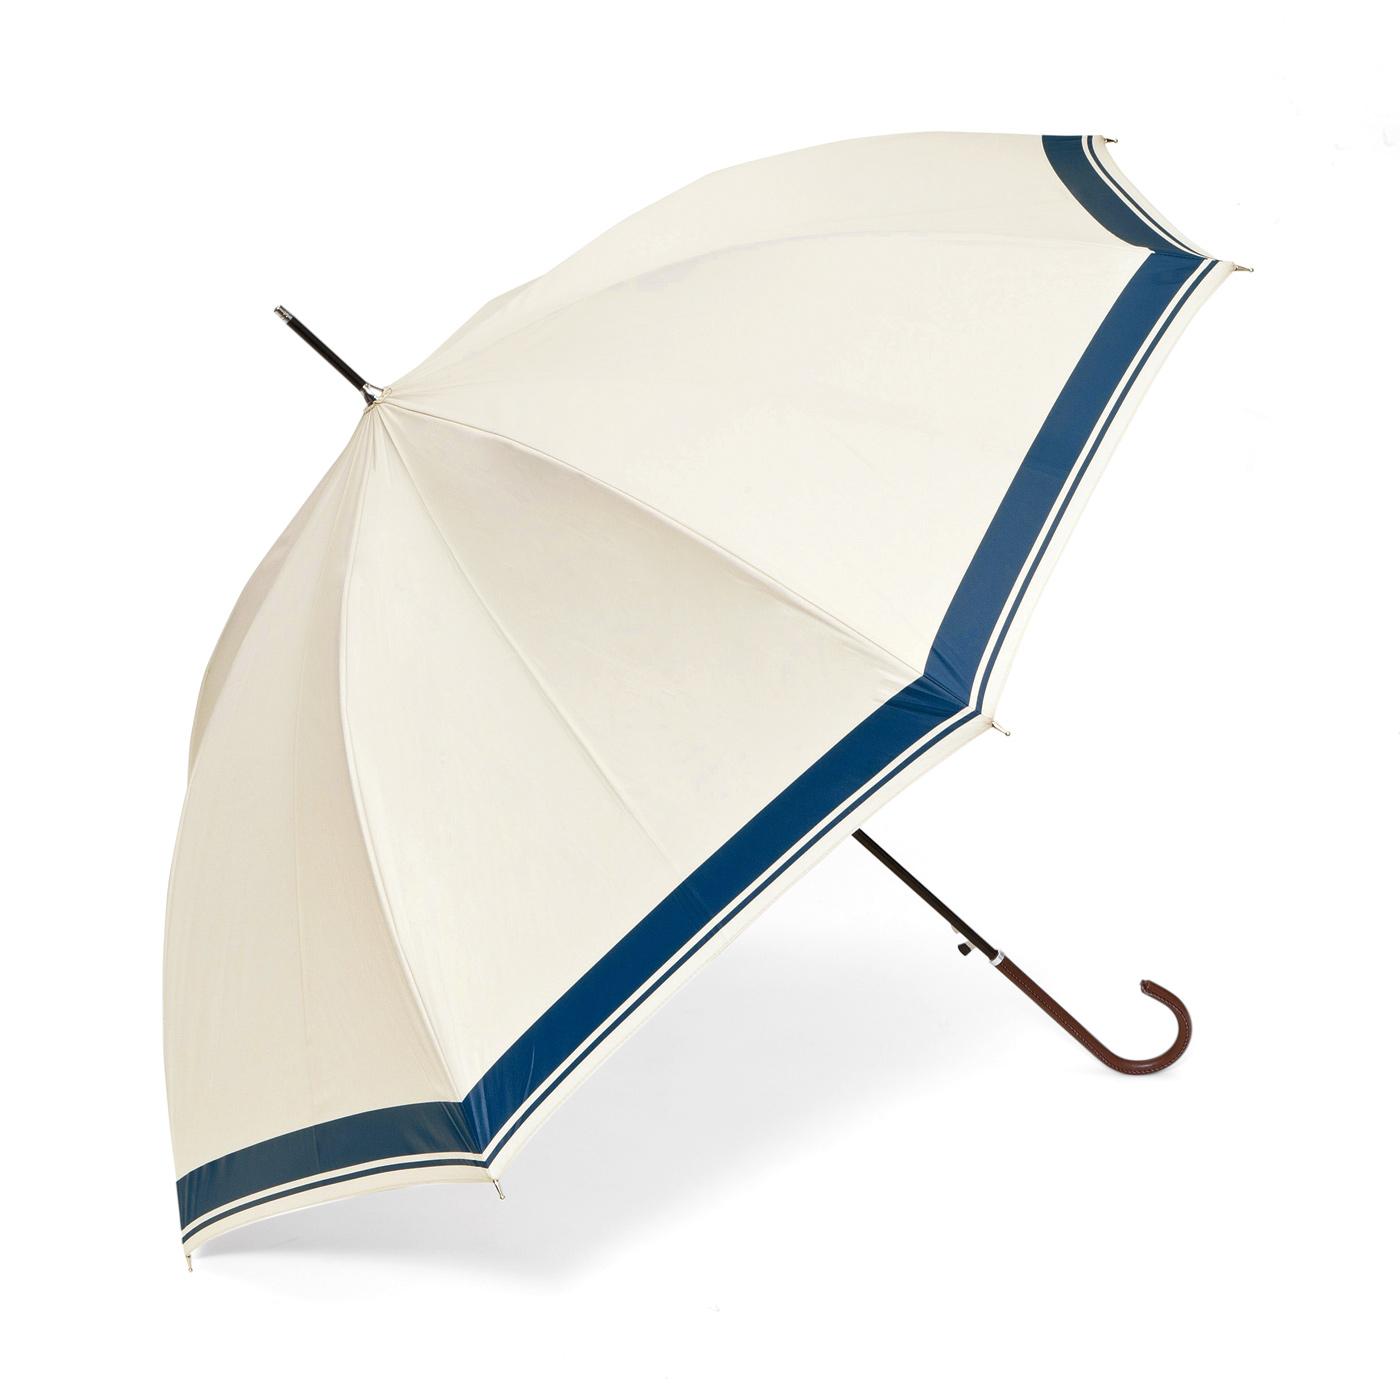 アイボリーにネイビーのラインでさりげなくマリンテイストに。レザー風の持ち手はにぎりやすく、女性らしい細めのデザイン。